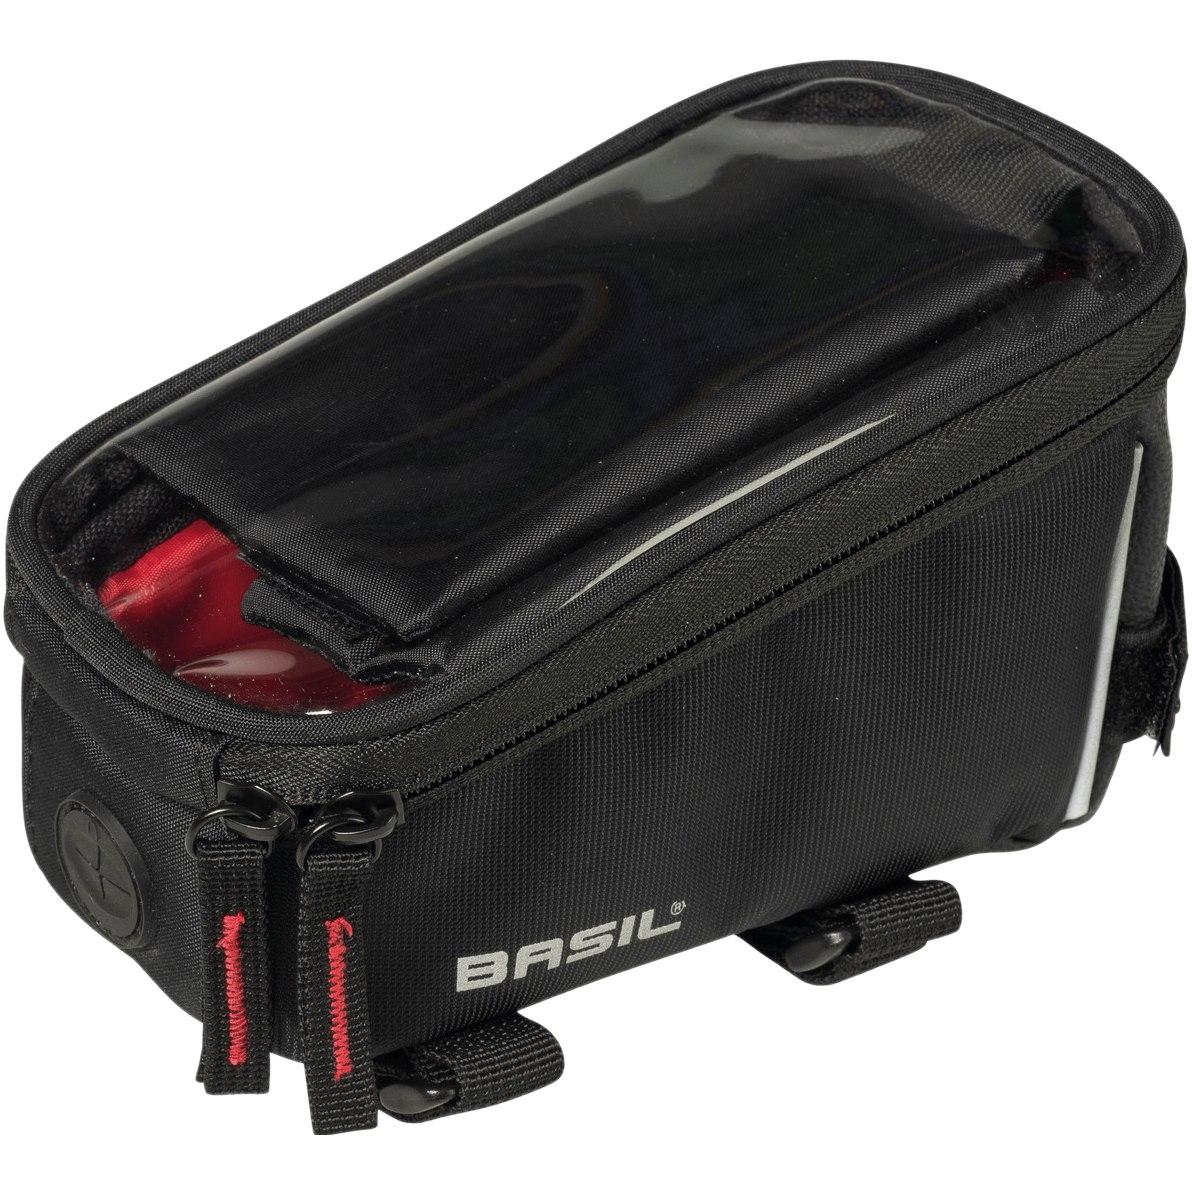 Basil Sport Designt Frame Bag - black